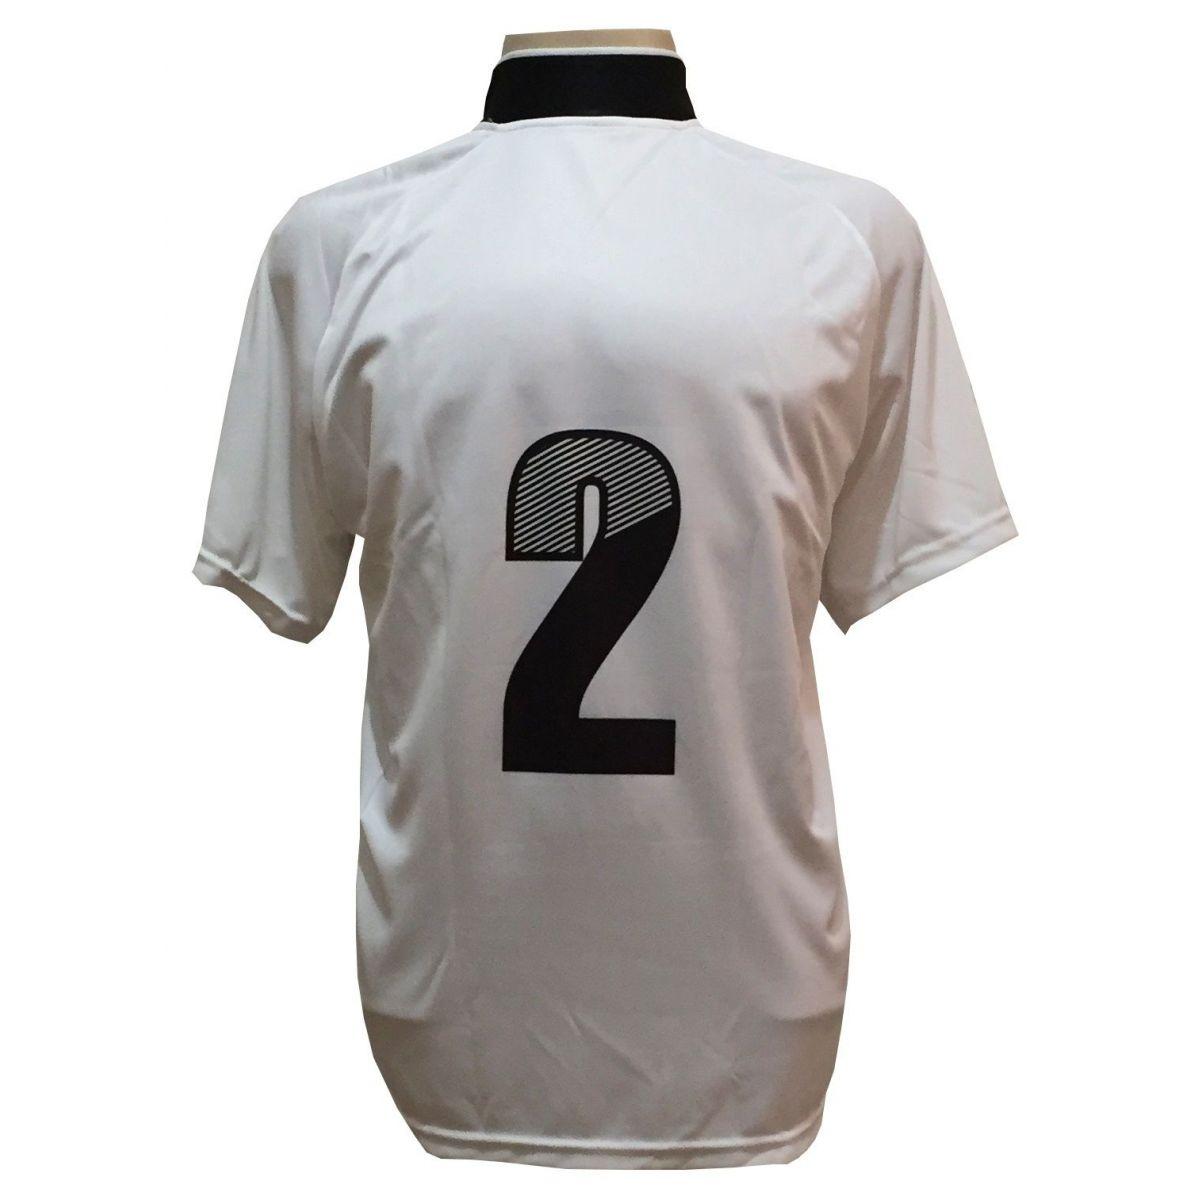 Jogo de Camisa com 18 unidades modelo Milan Branco/Preto + Brindes